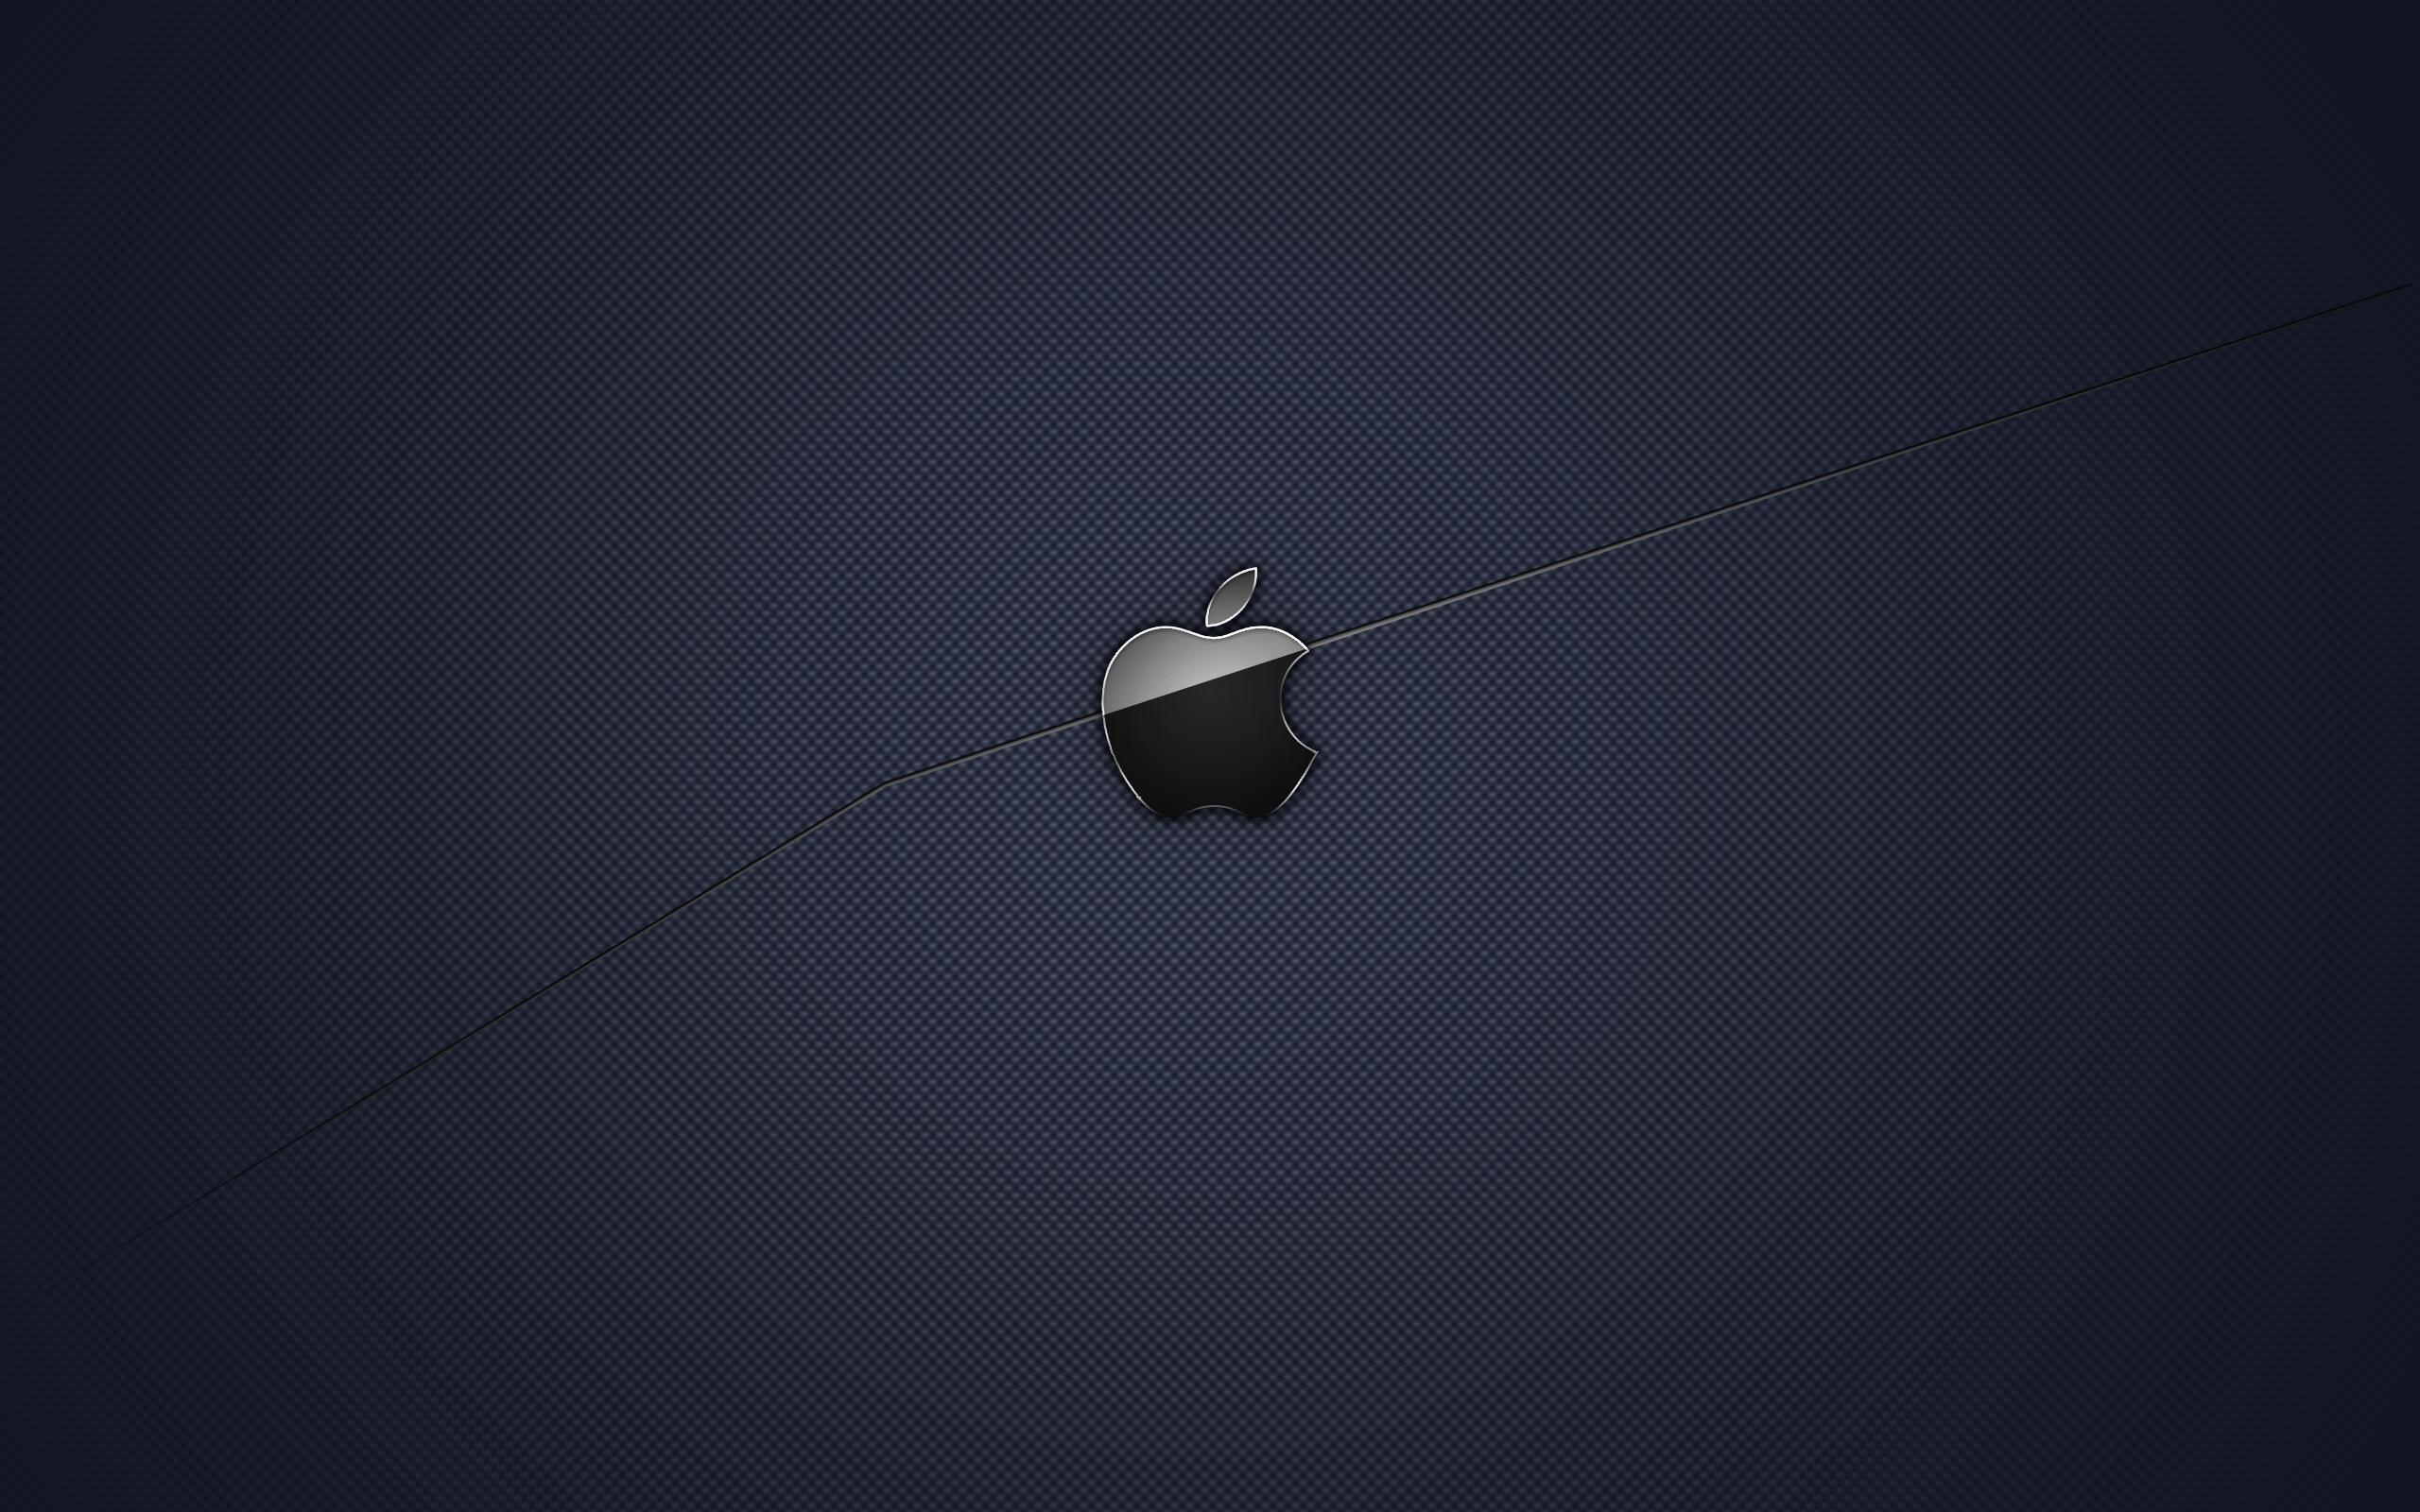 mac-fond-ecran-by-apple_03